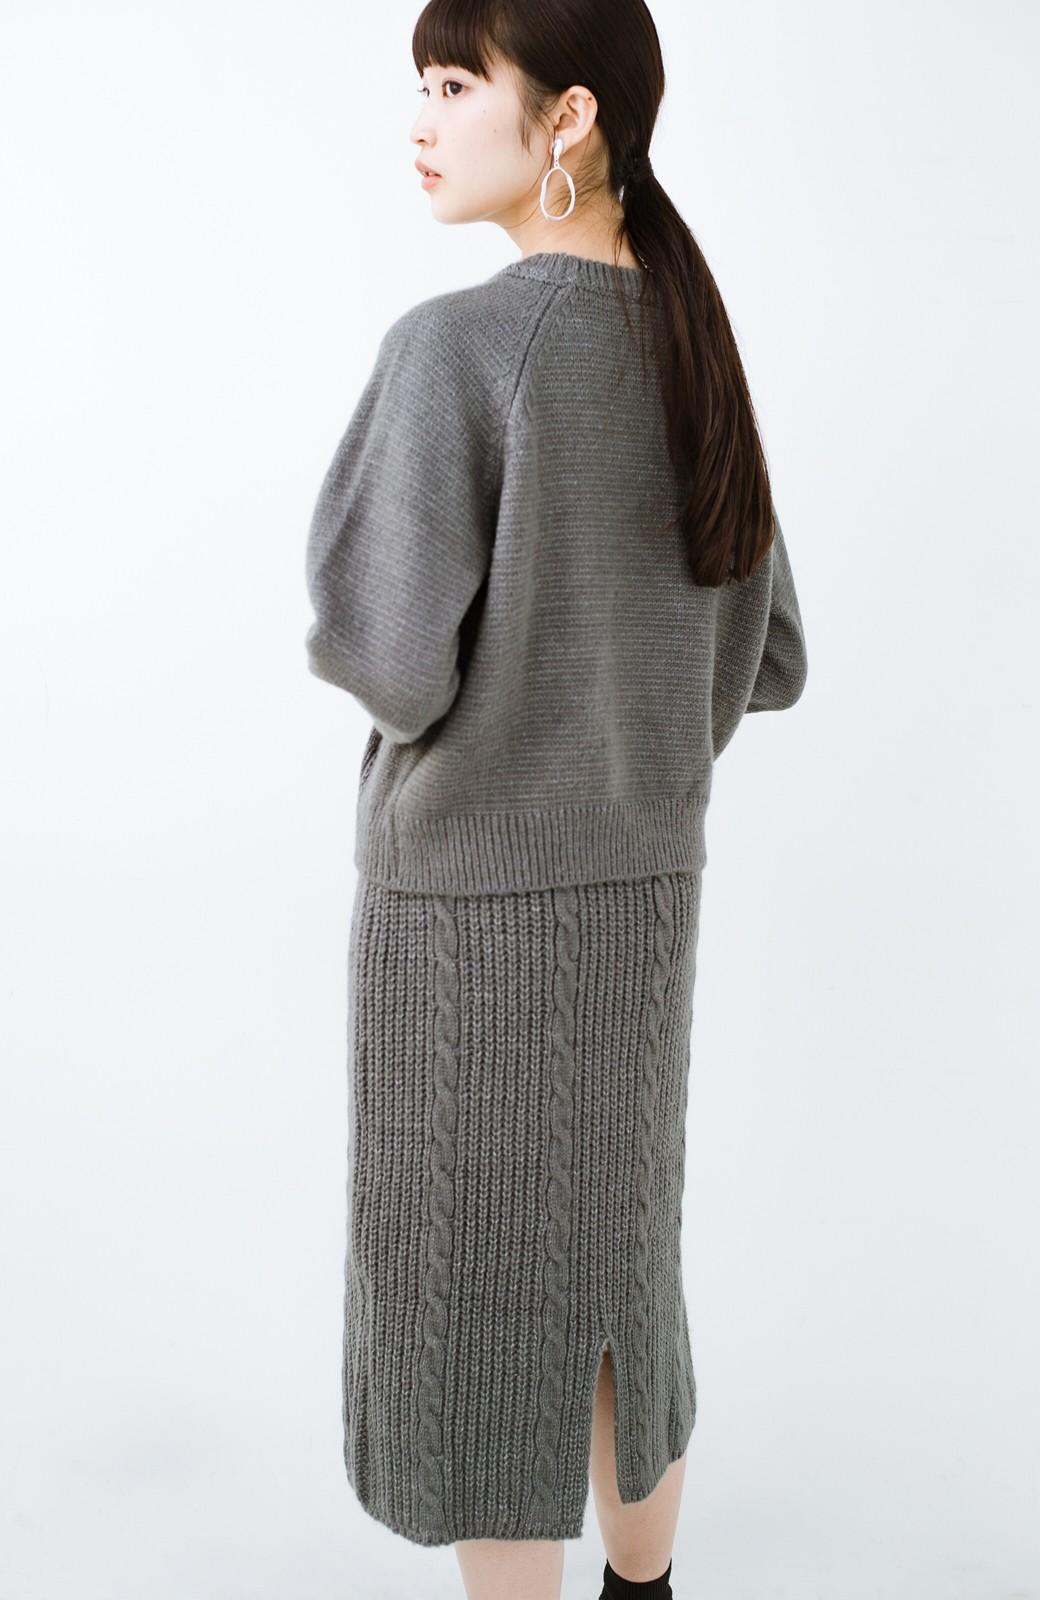 haco! しまった!寝坊した!ってときにも安心なケーブル編みがかわいいニットアップ <グレー>の商品写真22